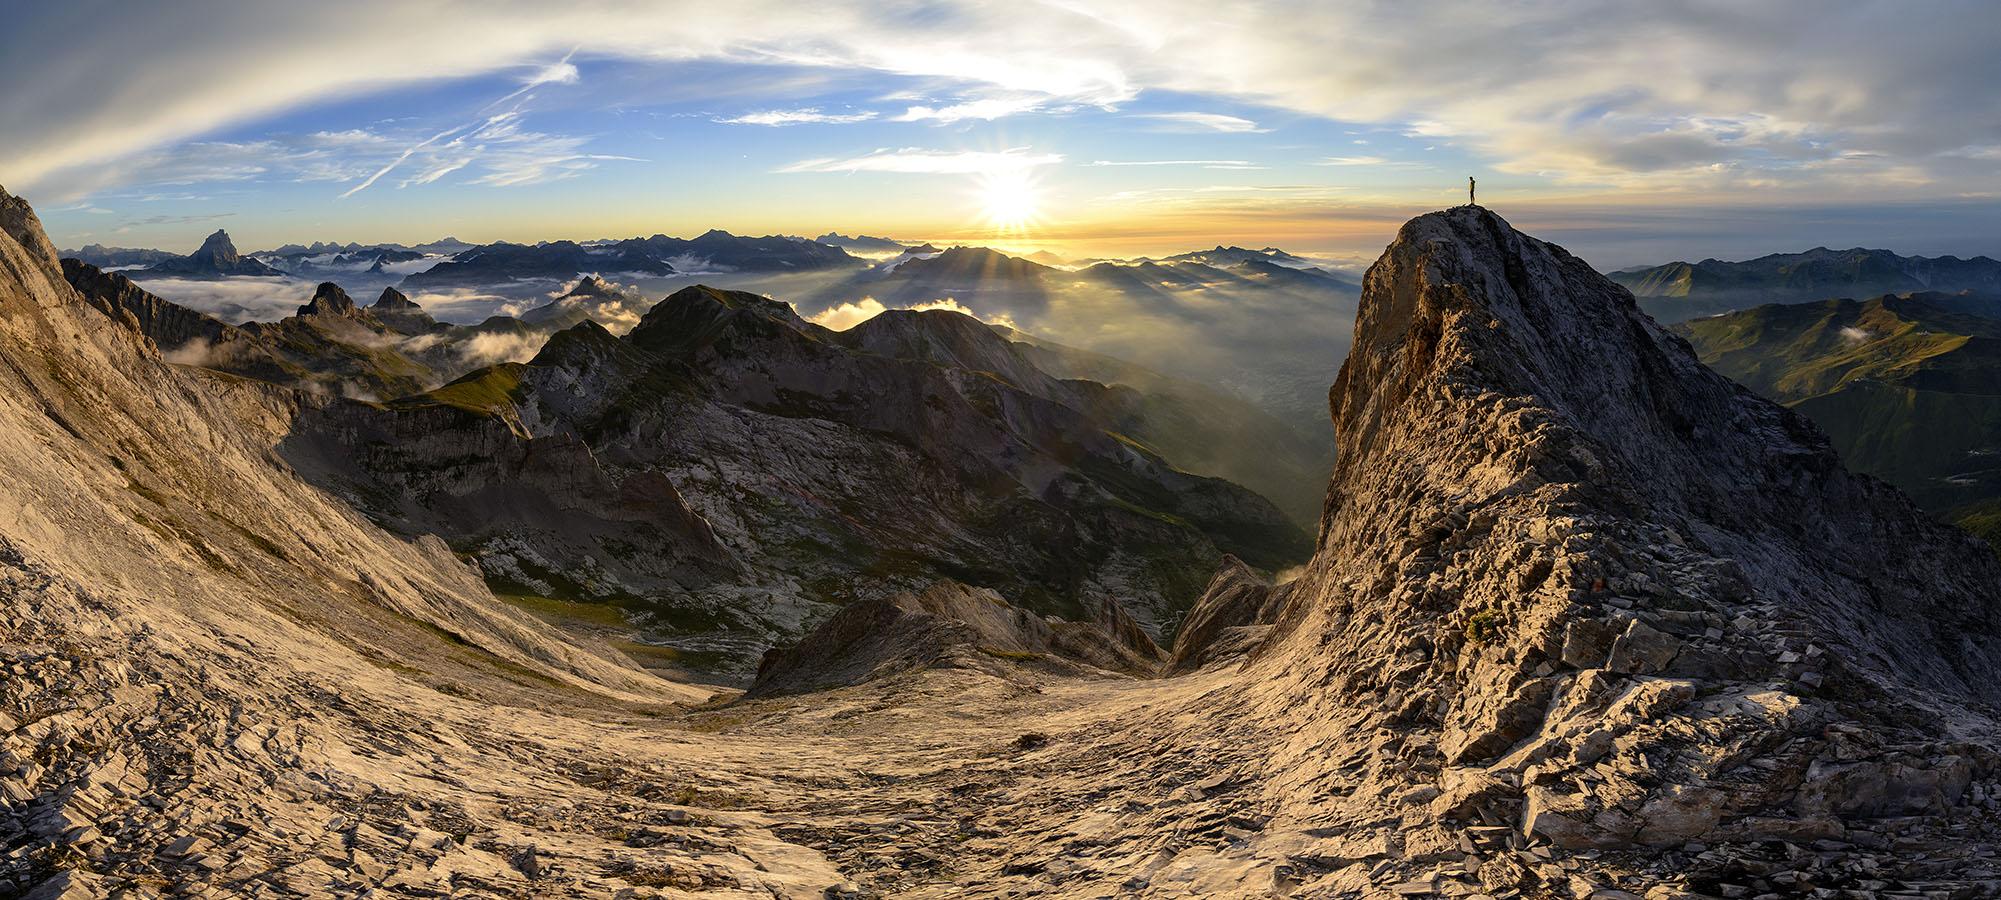 Hasta donde alcancen tus sueños - Deportes y aventuras - Inaki Larrea, Nature and mountains Photography